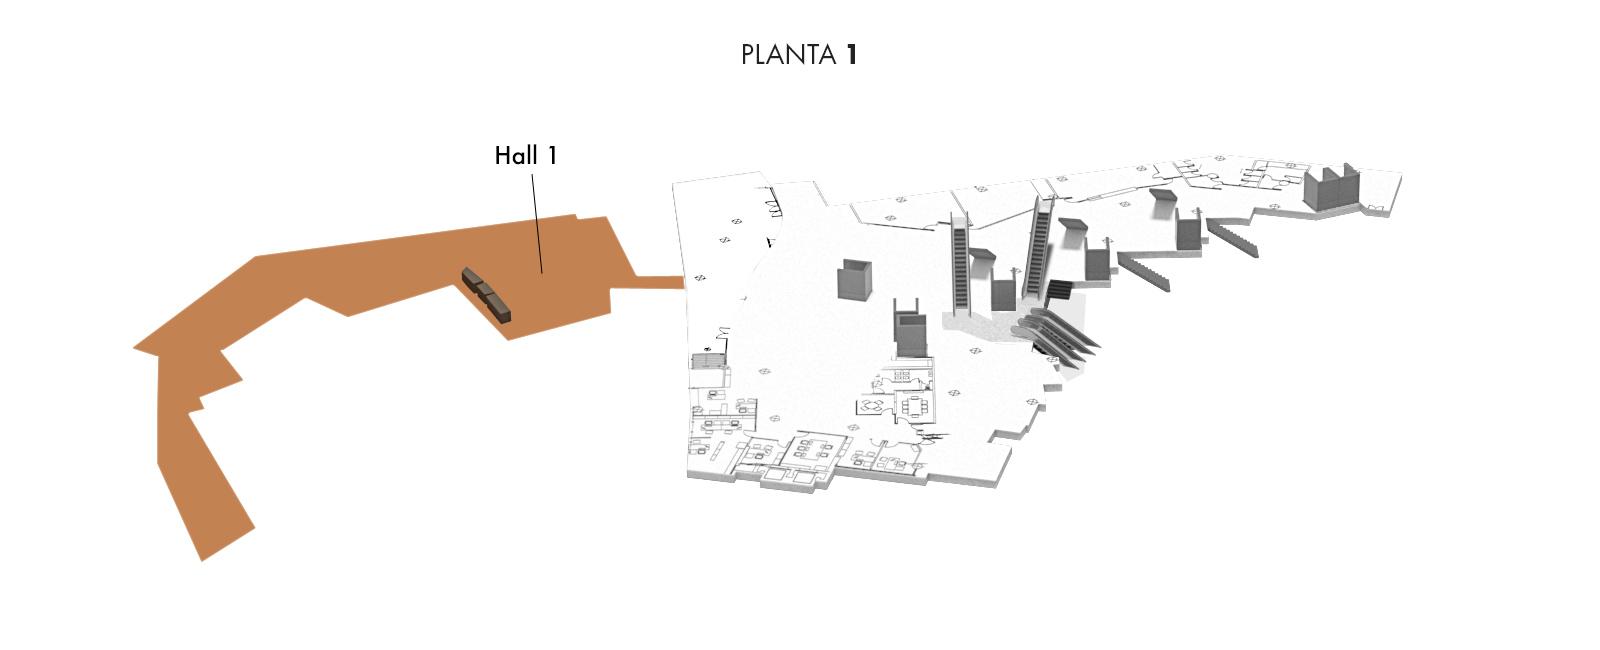 Hall 1, Planta 1   Palacio Euskalduna Jauregia